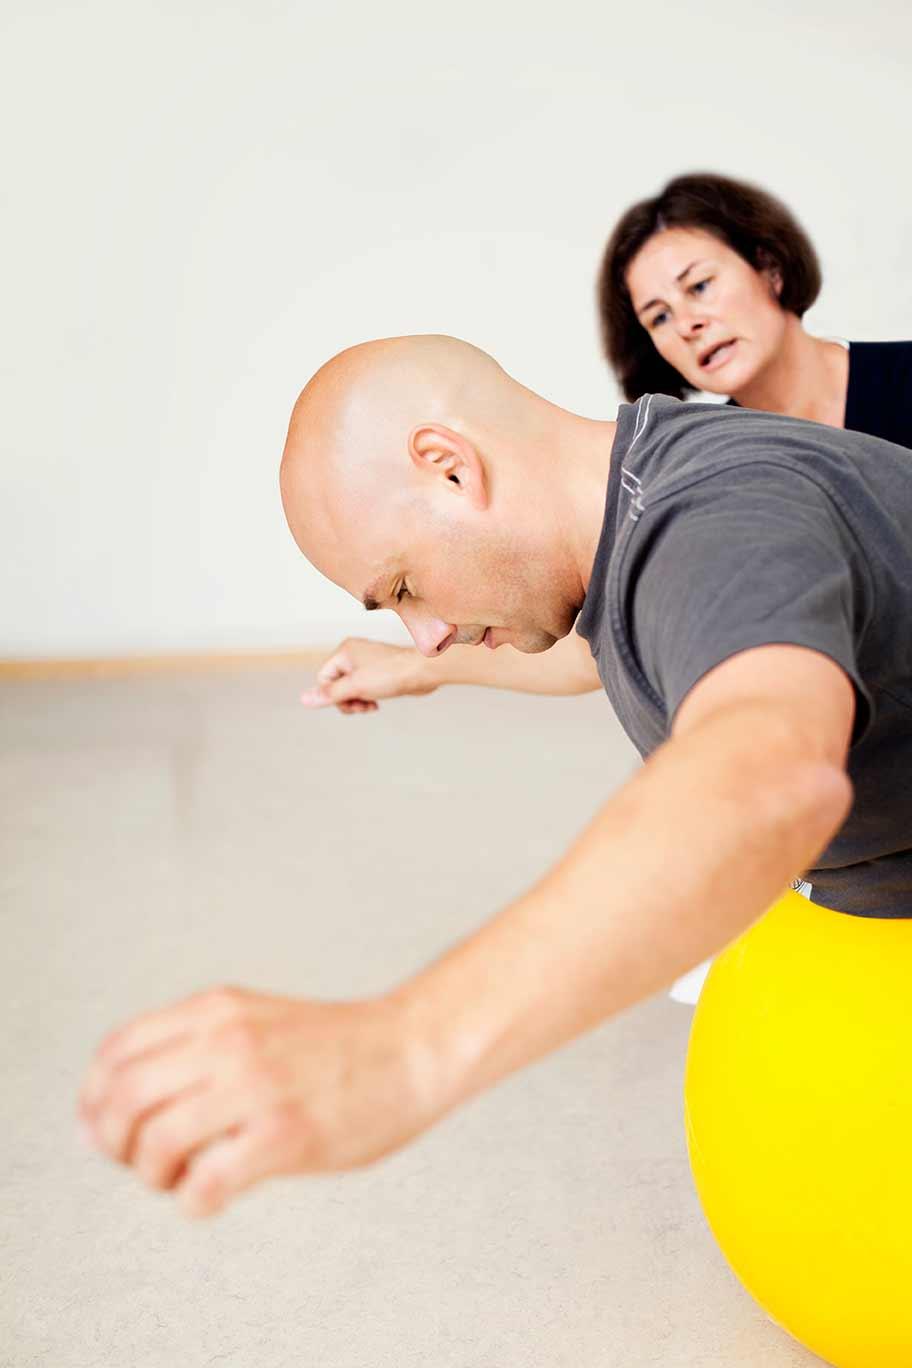 rehabilitering, övningar på balansboll